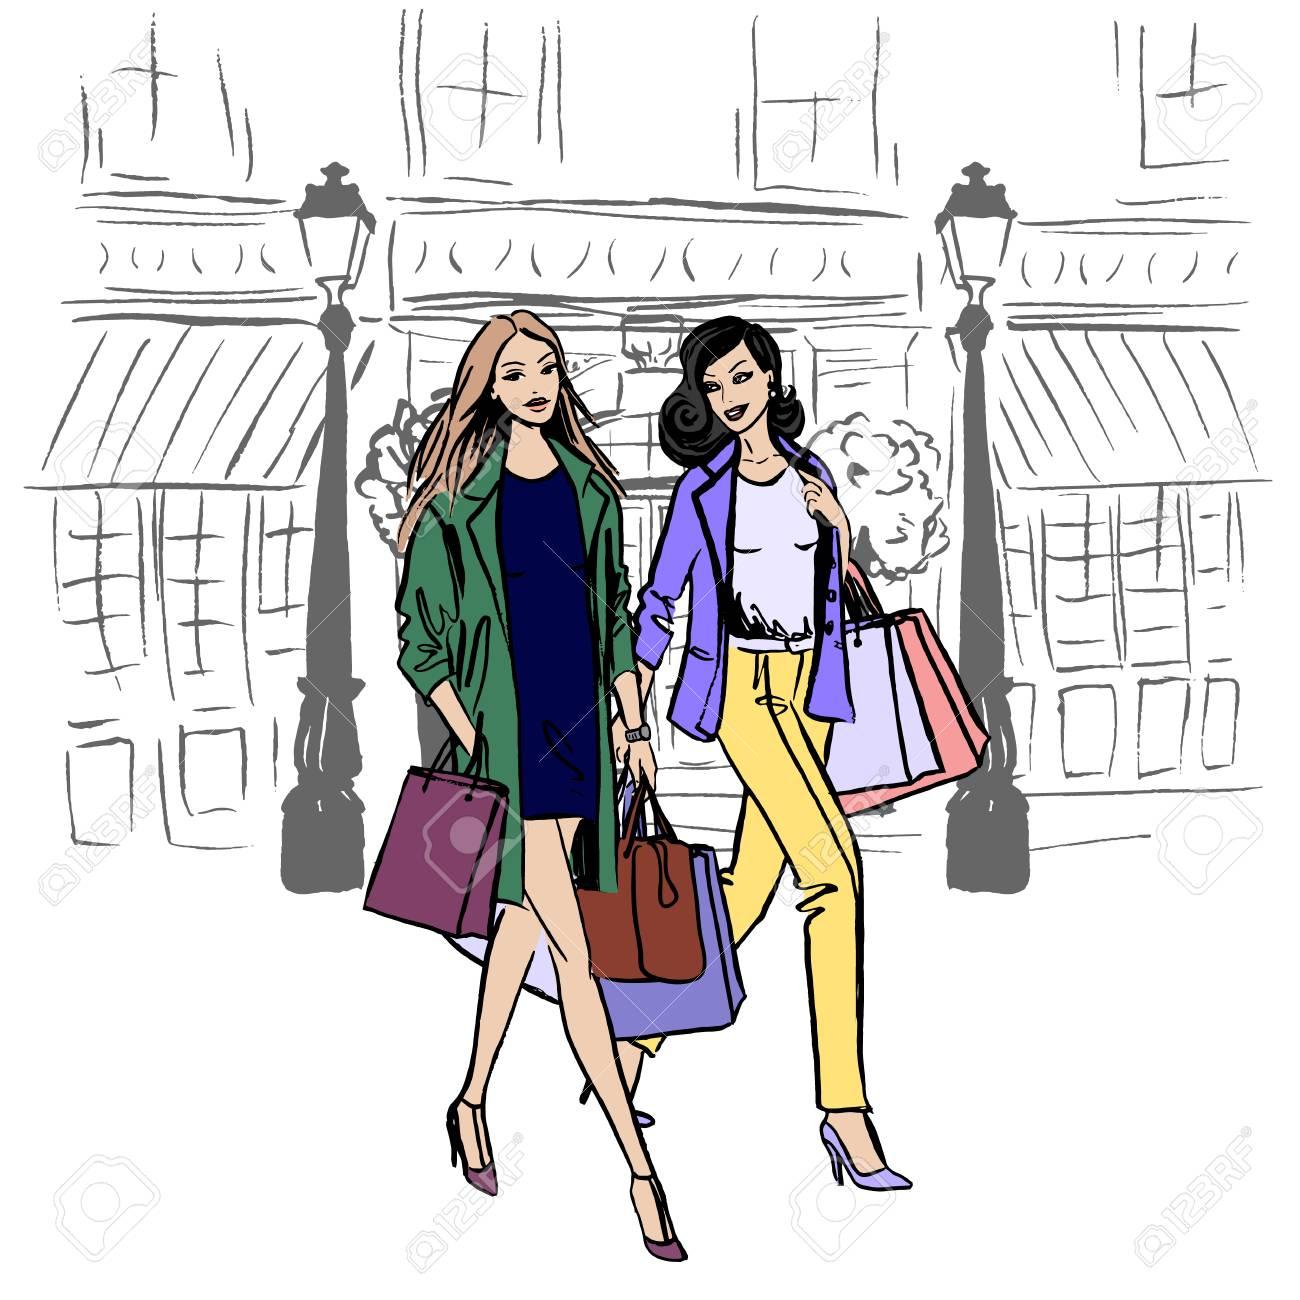 Caminando mujer y hombre con bolsas de compras. Ilustración dibujada a mano. Bosquejo de moda